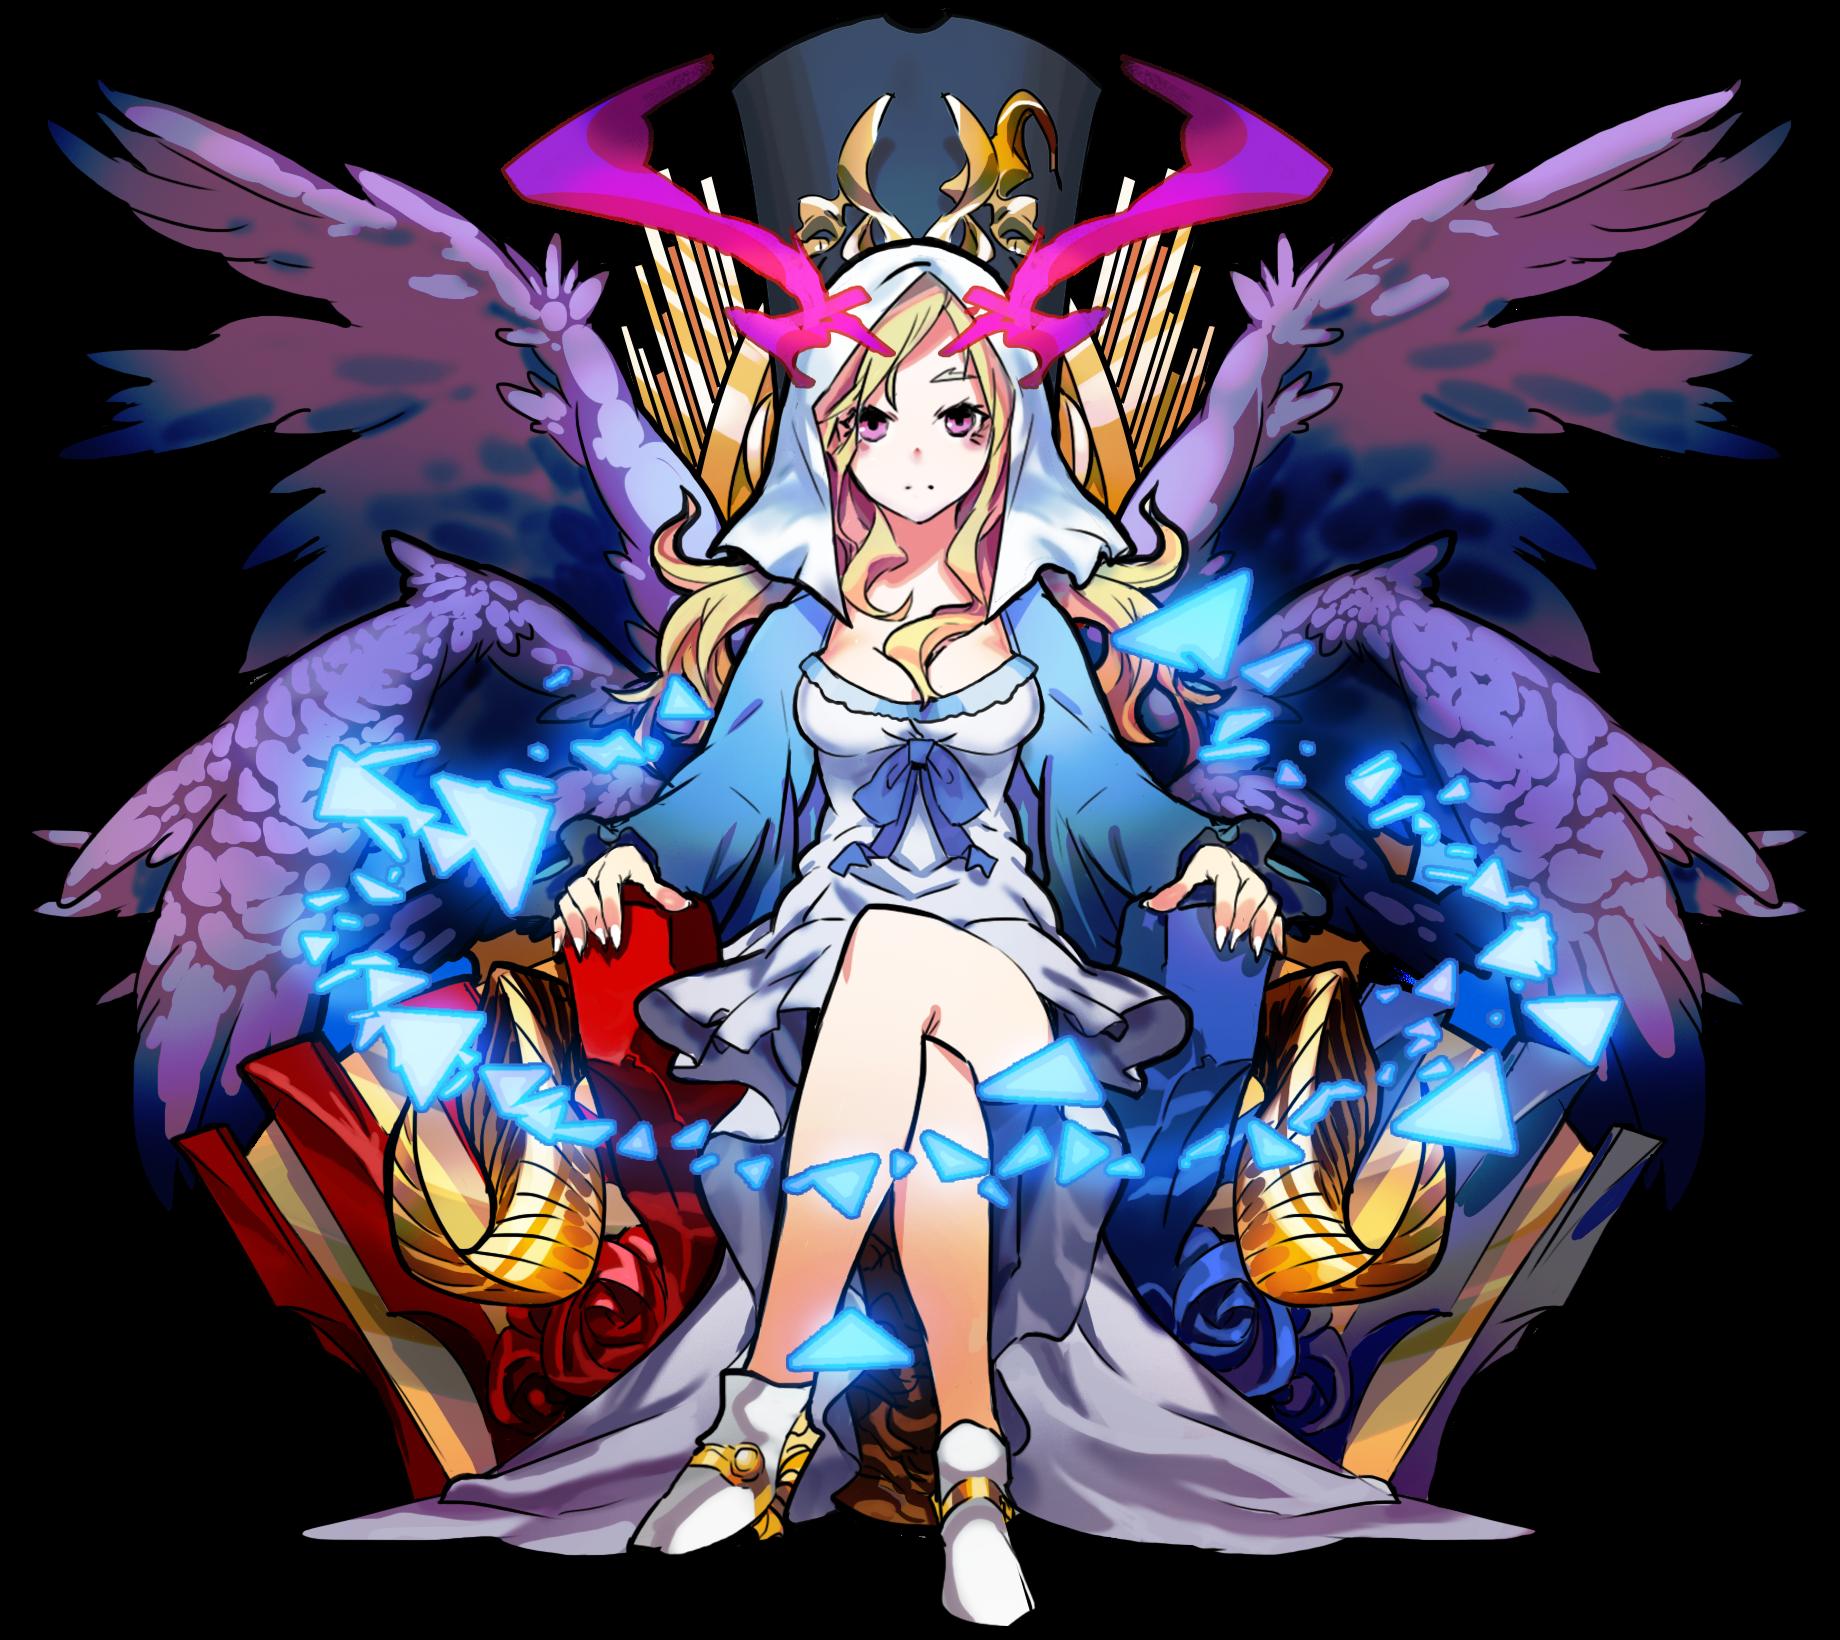 反逆の堕天使 ルシファー : 【最新版】可愛いモンストキャラ一覧 - naver